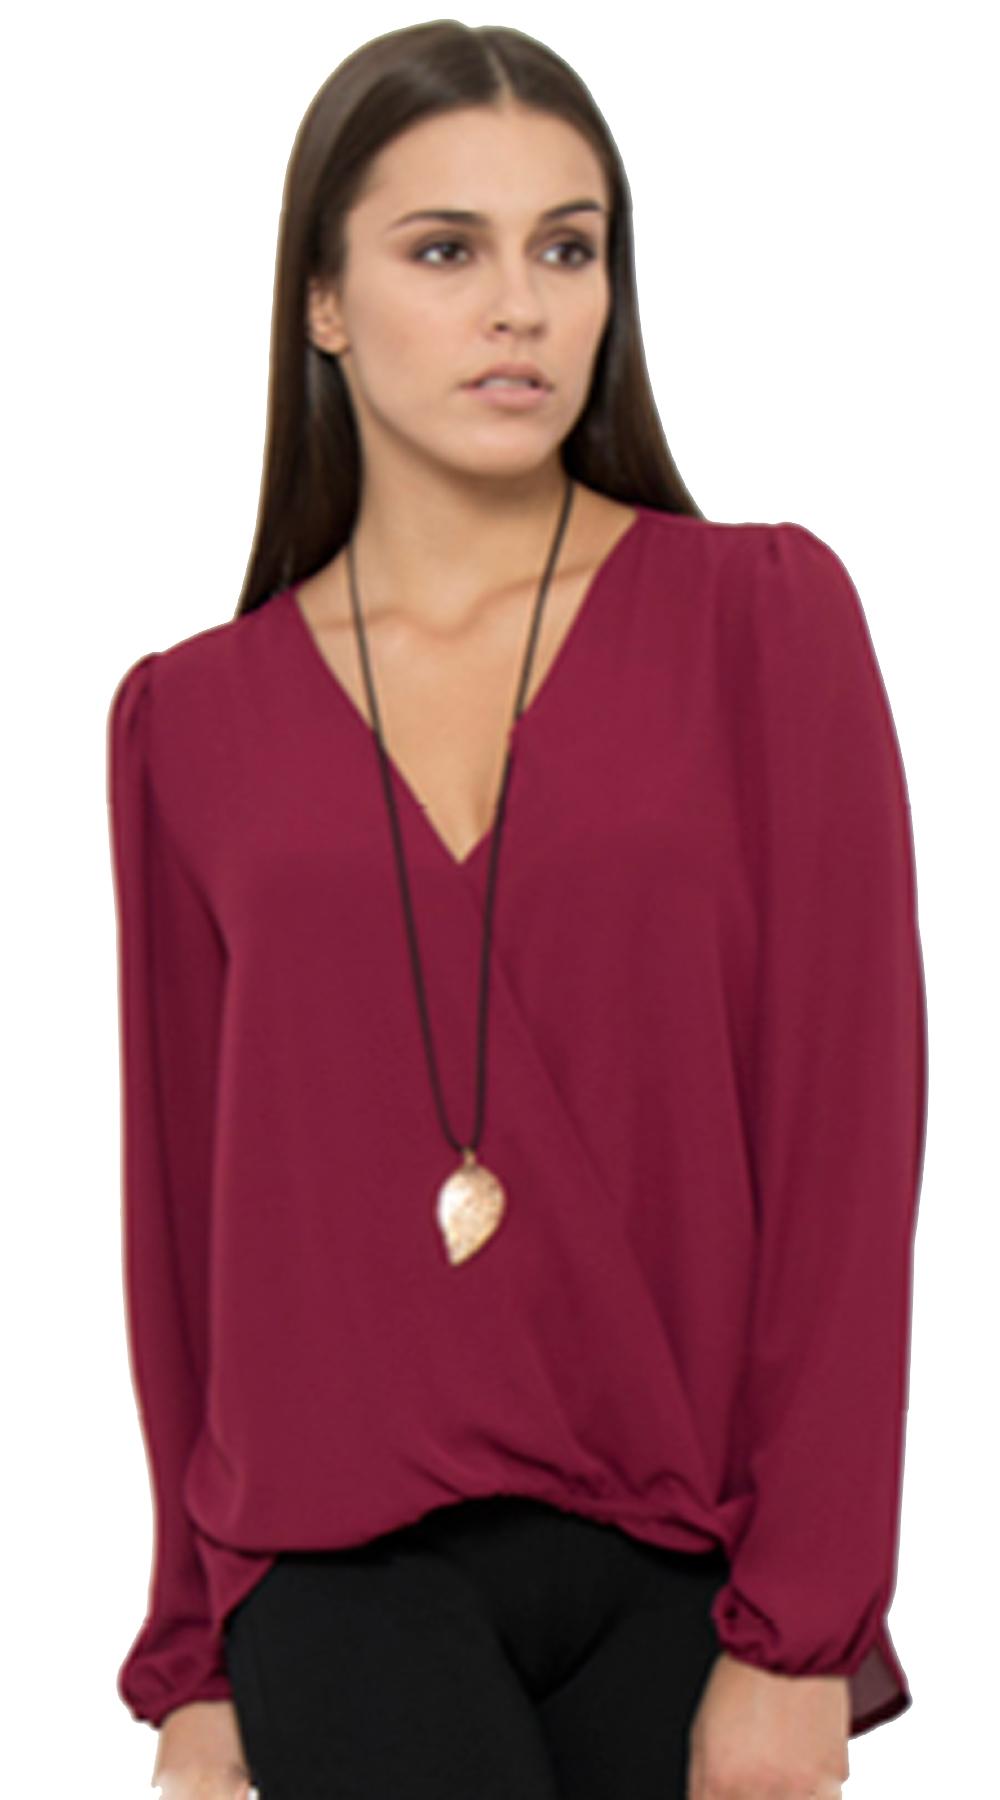 Γυναικεία μονόχρωμη κρουαζέ μπλούζα Curvy με μινιμαλ κολιέ - OEM - FA17OP-C-1720 μπλούζες   t shirts elegant tops